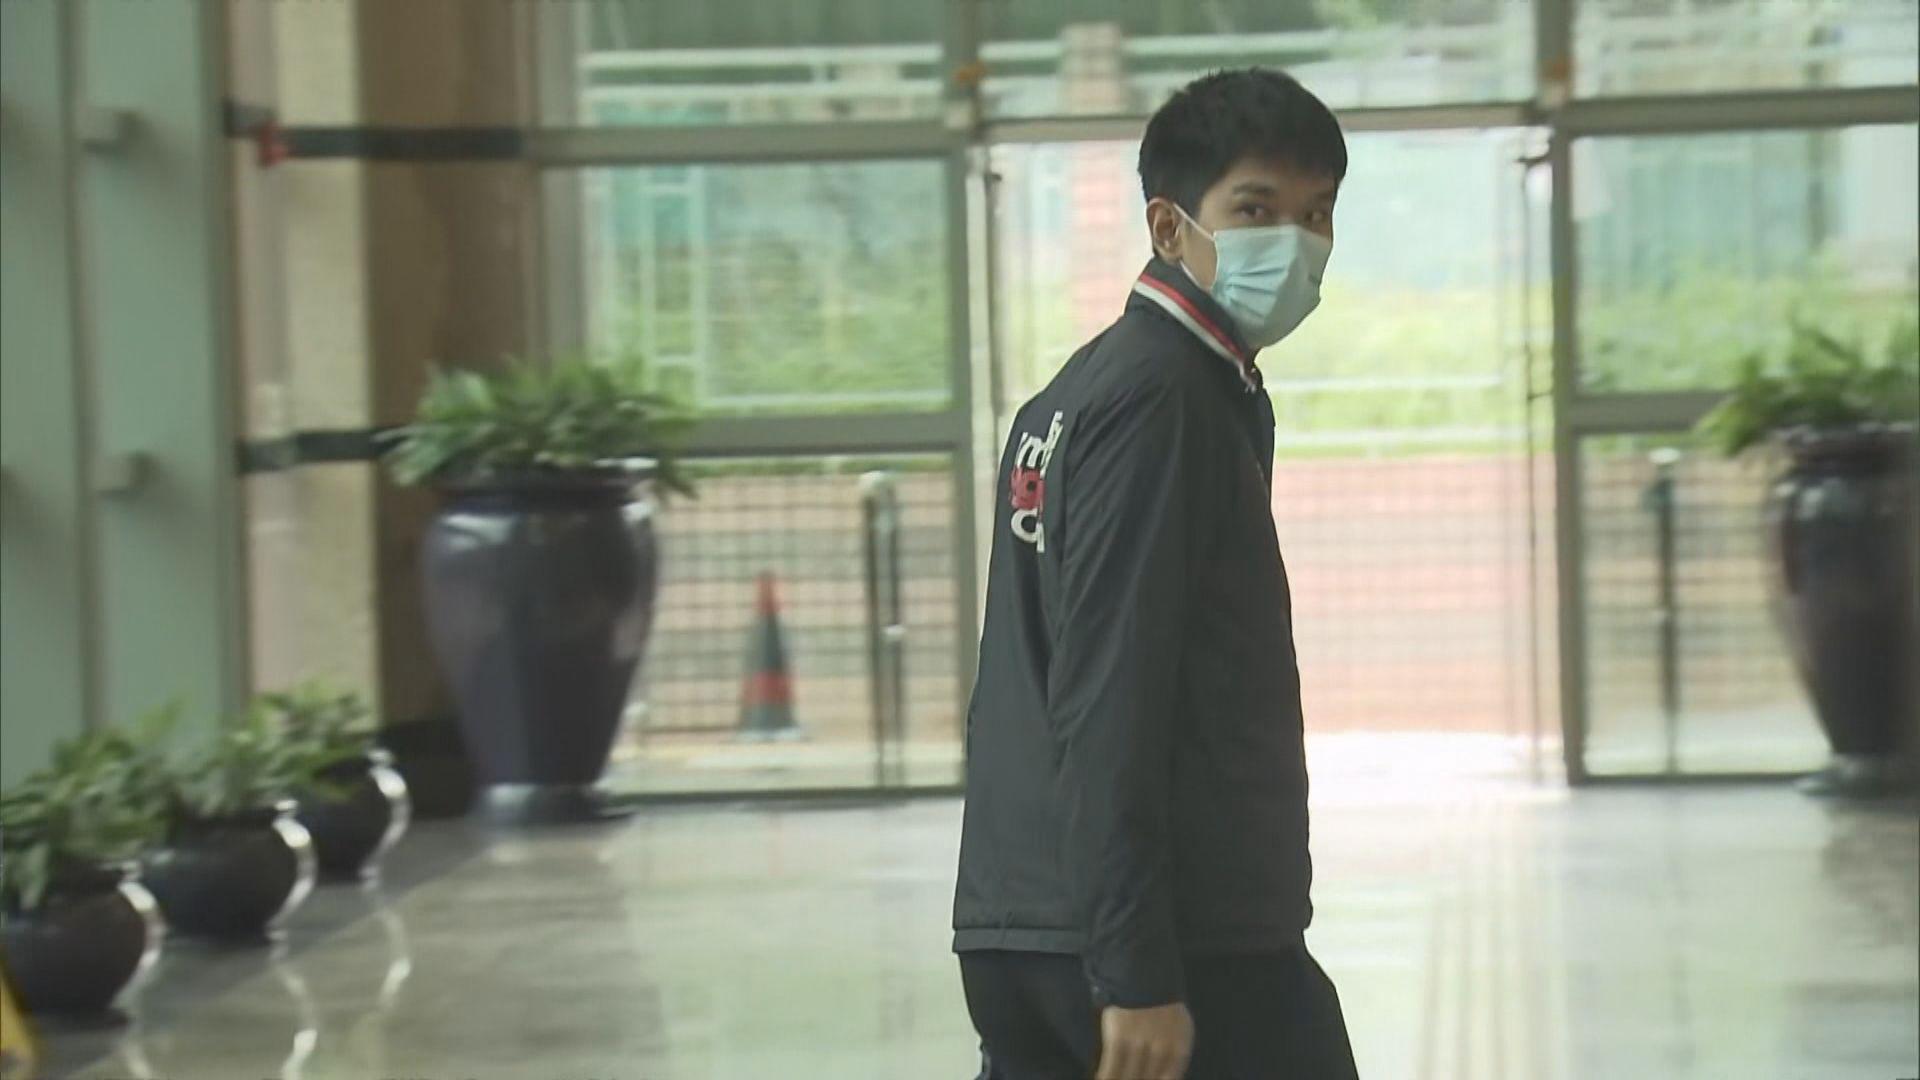 小學教師楊博文襲警罪成判監九周 准保釋等候上訴